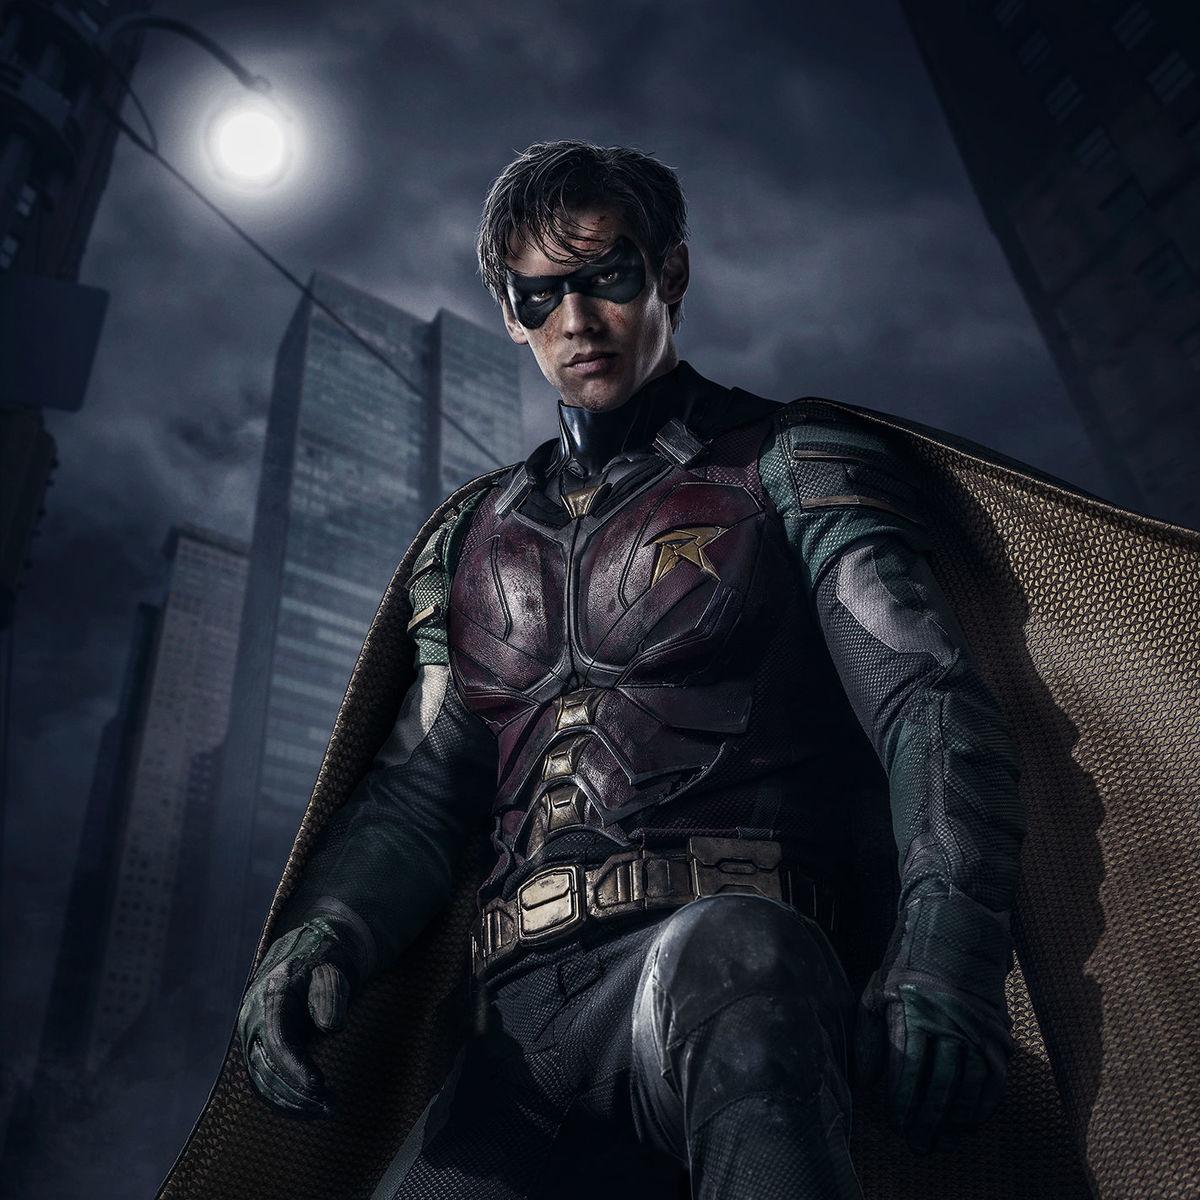 dc universe show titans robin